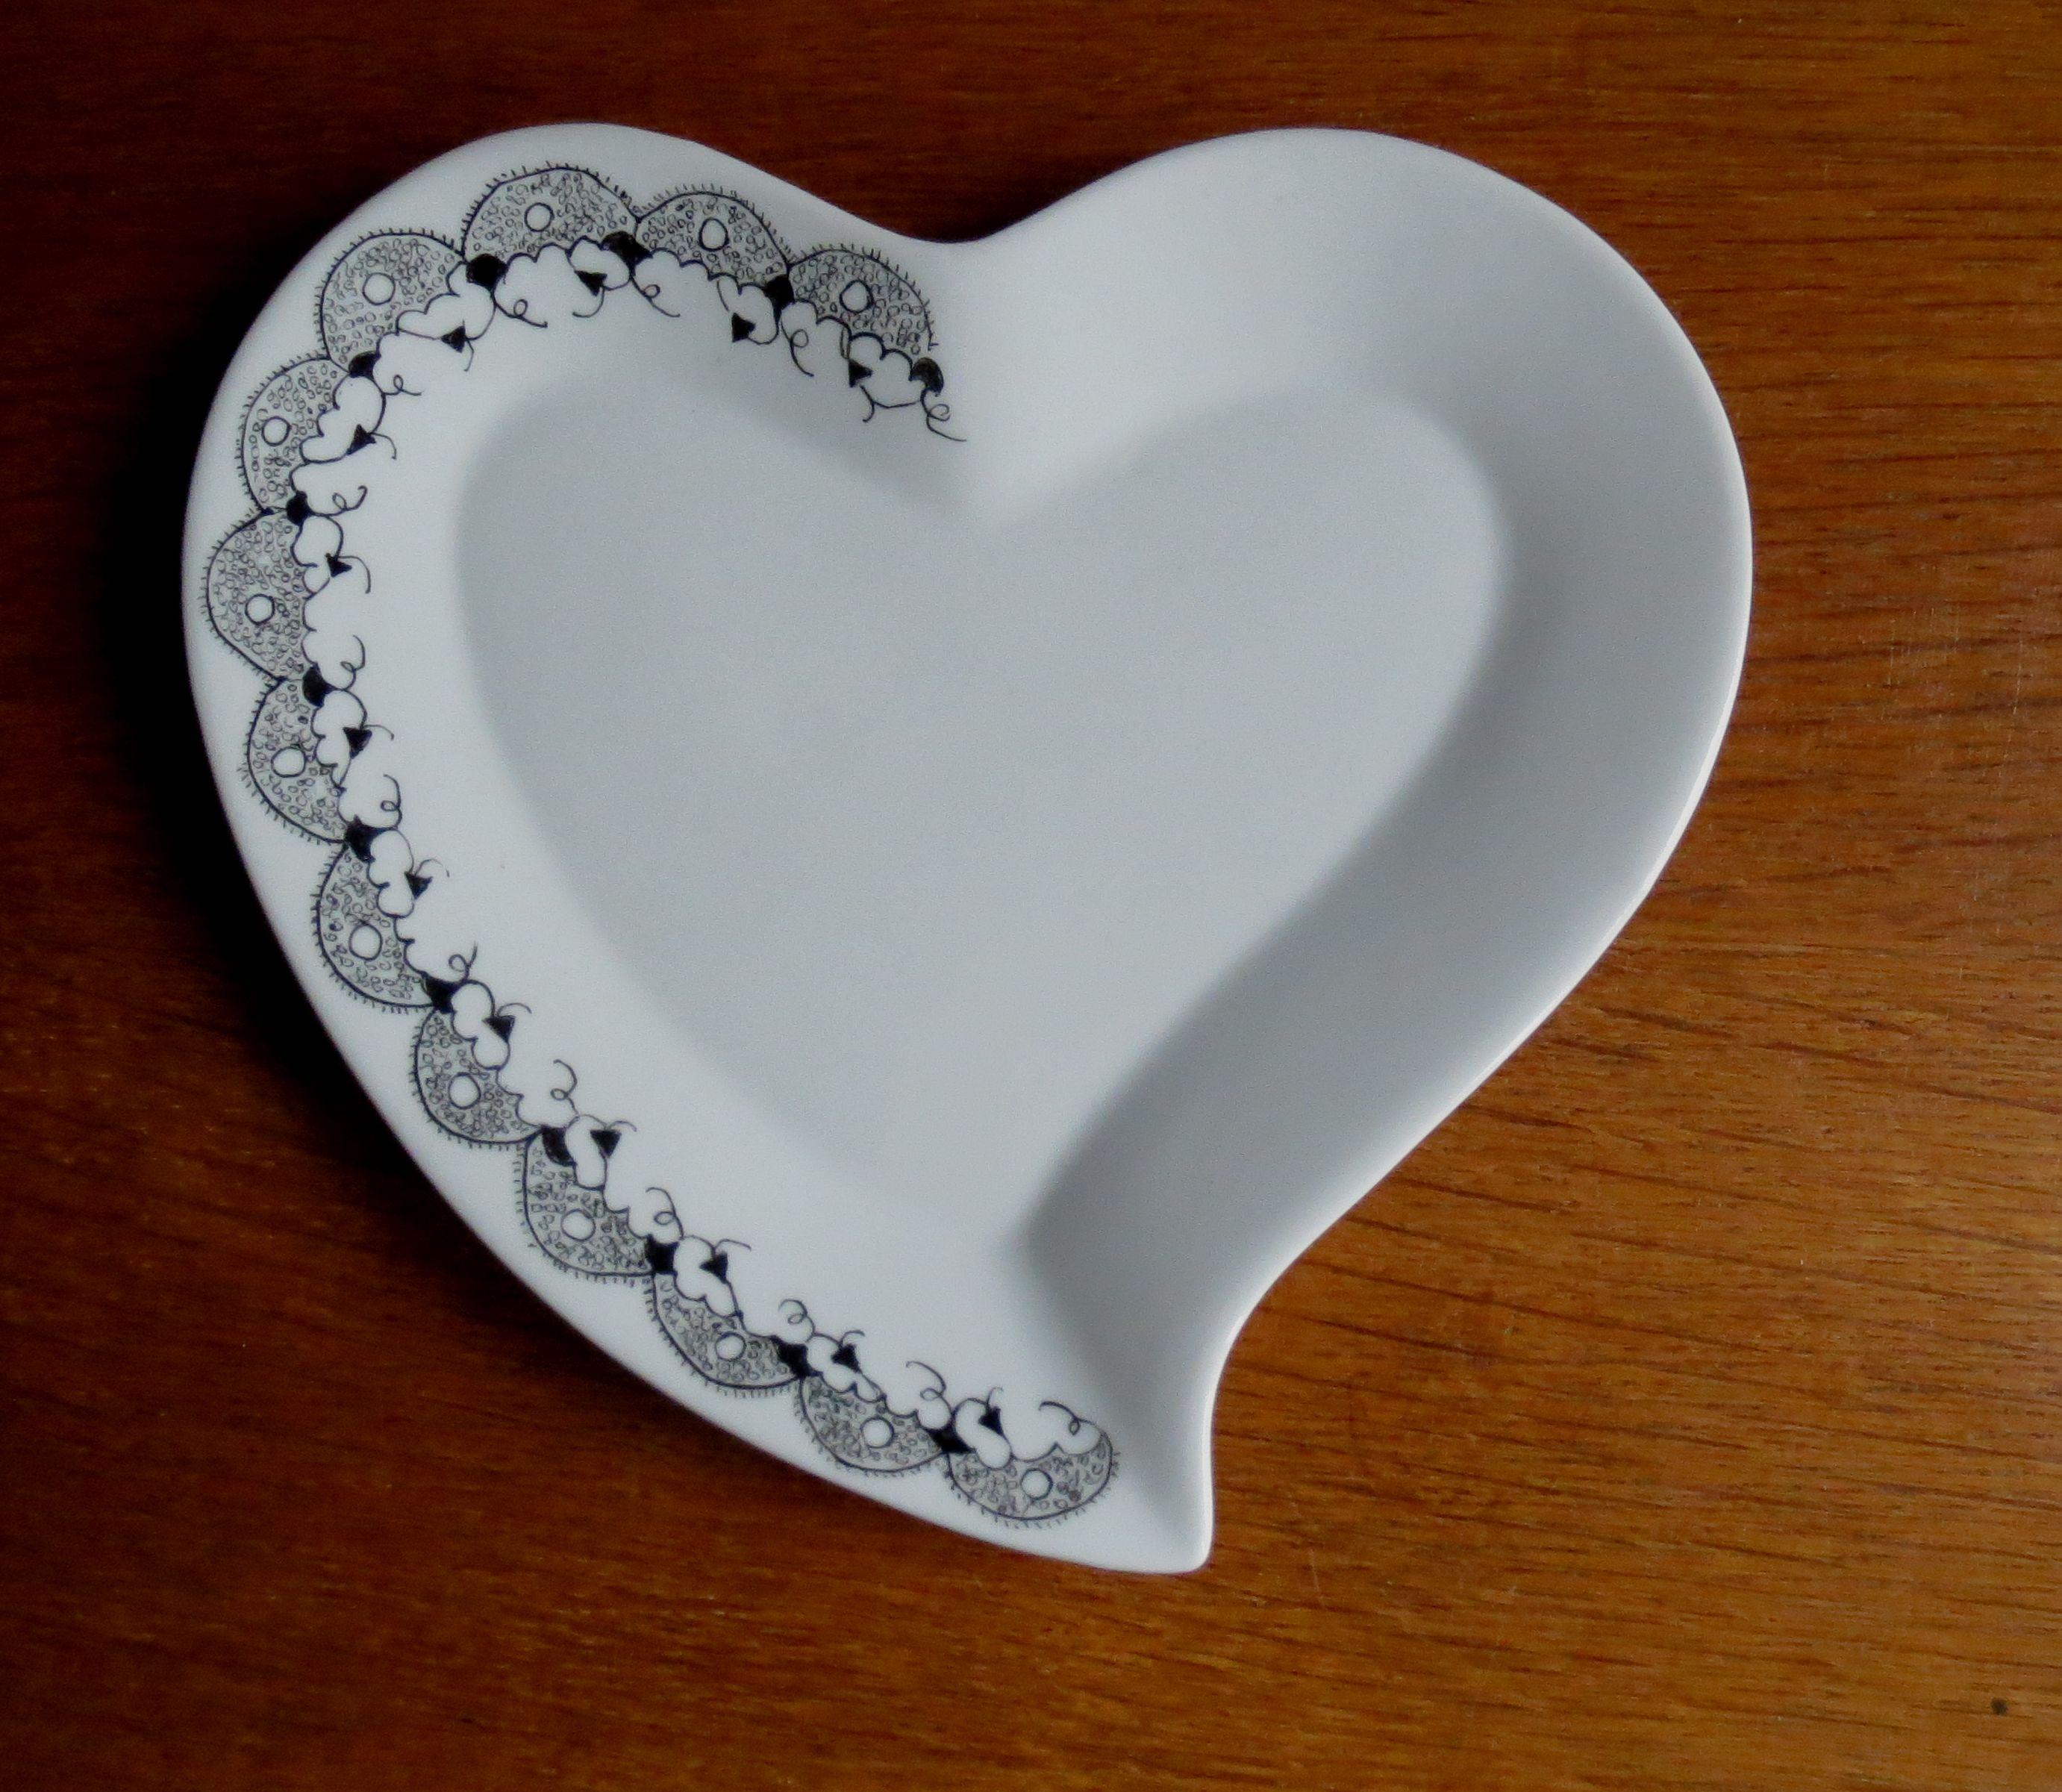 Peinture Sur Porcelaine Assiette peinture sur porcelaine - lafourmidu31